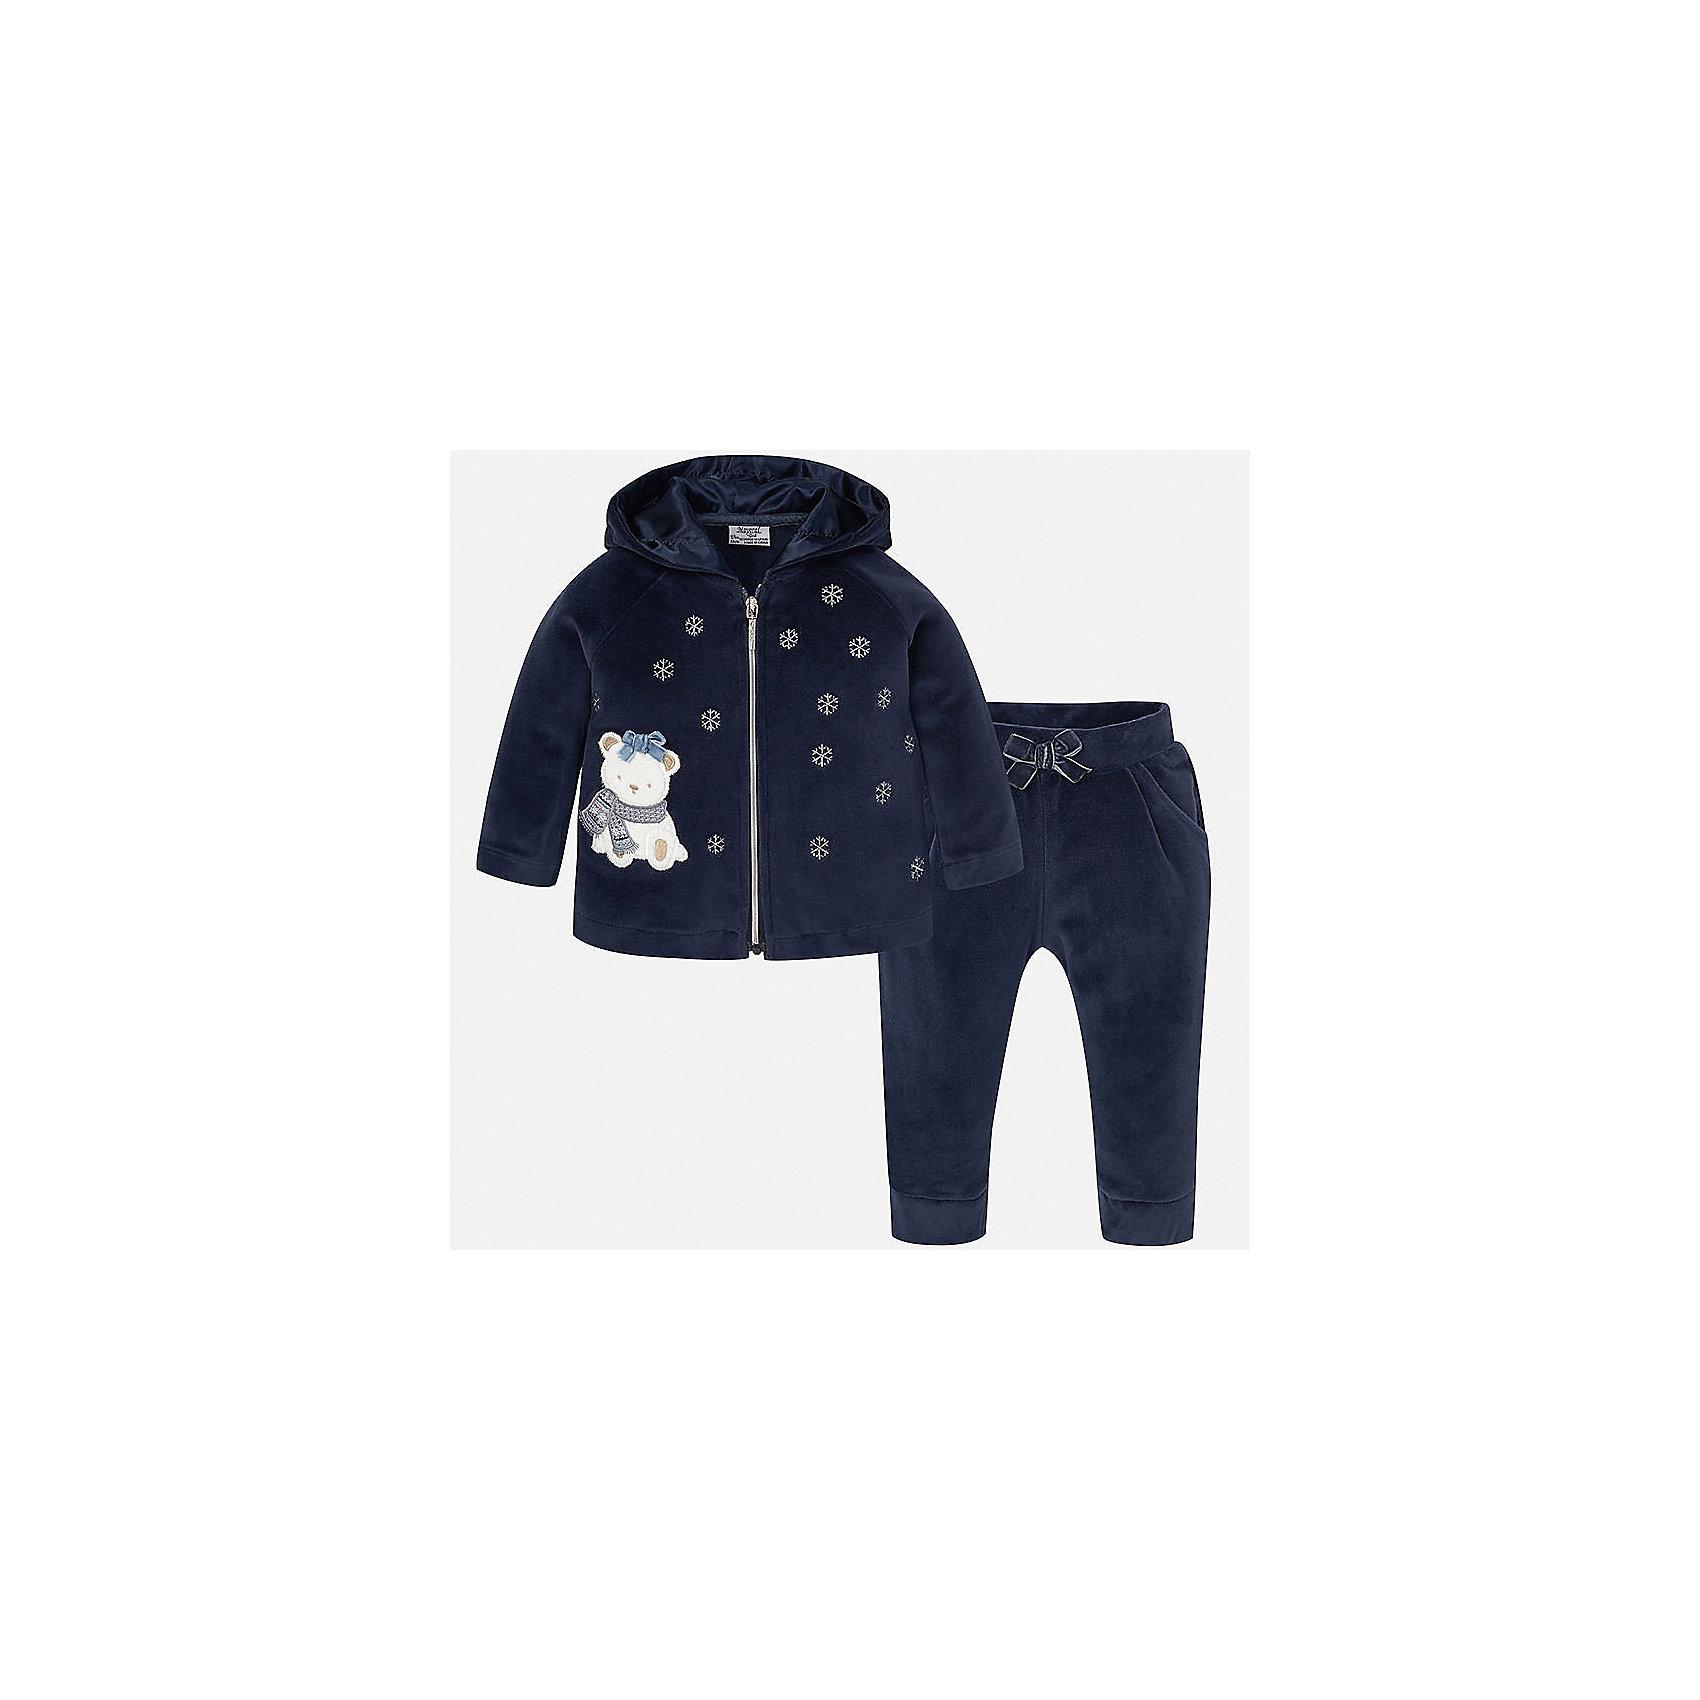 Спортивный костюм для девочки MayoralКомплекты<br>Оригинальный спортивный костюм для самых стильных девчонок! Костюм состоит из толстовки, оформленной вышивкой и аппликацией и брюк на эластичном поясе с кокетливым бантиком. Уютный, красивый и практичный костюм Mayoral - прекрасный вариант для повседневной носки и активного отдыха!<br><br>Дополнительная информация:<br><br>- Мягкая, приятная на ощупь ткань.<br>- Комплектация: толстовка, брюки.<br>- Толстовка с капюшоном на подкладке. <br>- Застегивается на молнию.<br>- Вышивка в виде снежинок.<br>- Нежная аппликация. <br>- Брюки на эластичном поясе.<br>- Манжеты на брючинах. <br>- Кокетливый бантик на поясе. <br>Состав: <br>- 80% хлопок, 20% полиэстер. <br><br>Спортивный костюм для девочки Mayoral (Майорал), темно-синий, можно купить в нашем магазине.<br><br>Ширина мм: 247<br>Глубина мм: 16<br>Высота мм: 140<br>Вес г: 225<br>Цвет: синий<br>Возраст от месяцев: 6<br>Возраст до месяцев: 9<br>Пол: Женский<br>Возраст: Детский<br>Размер: 74,86,80,92<br>SKU: 4846223